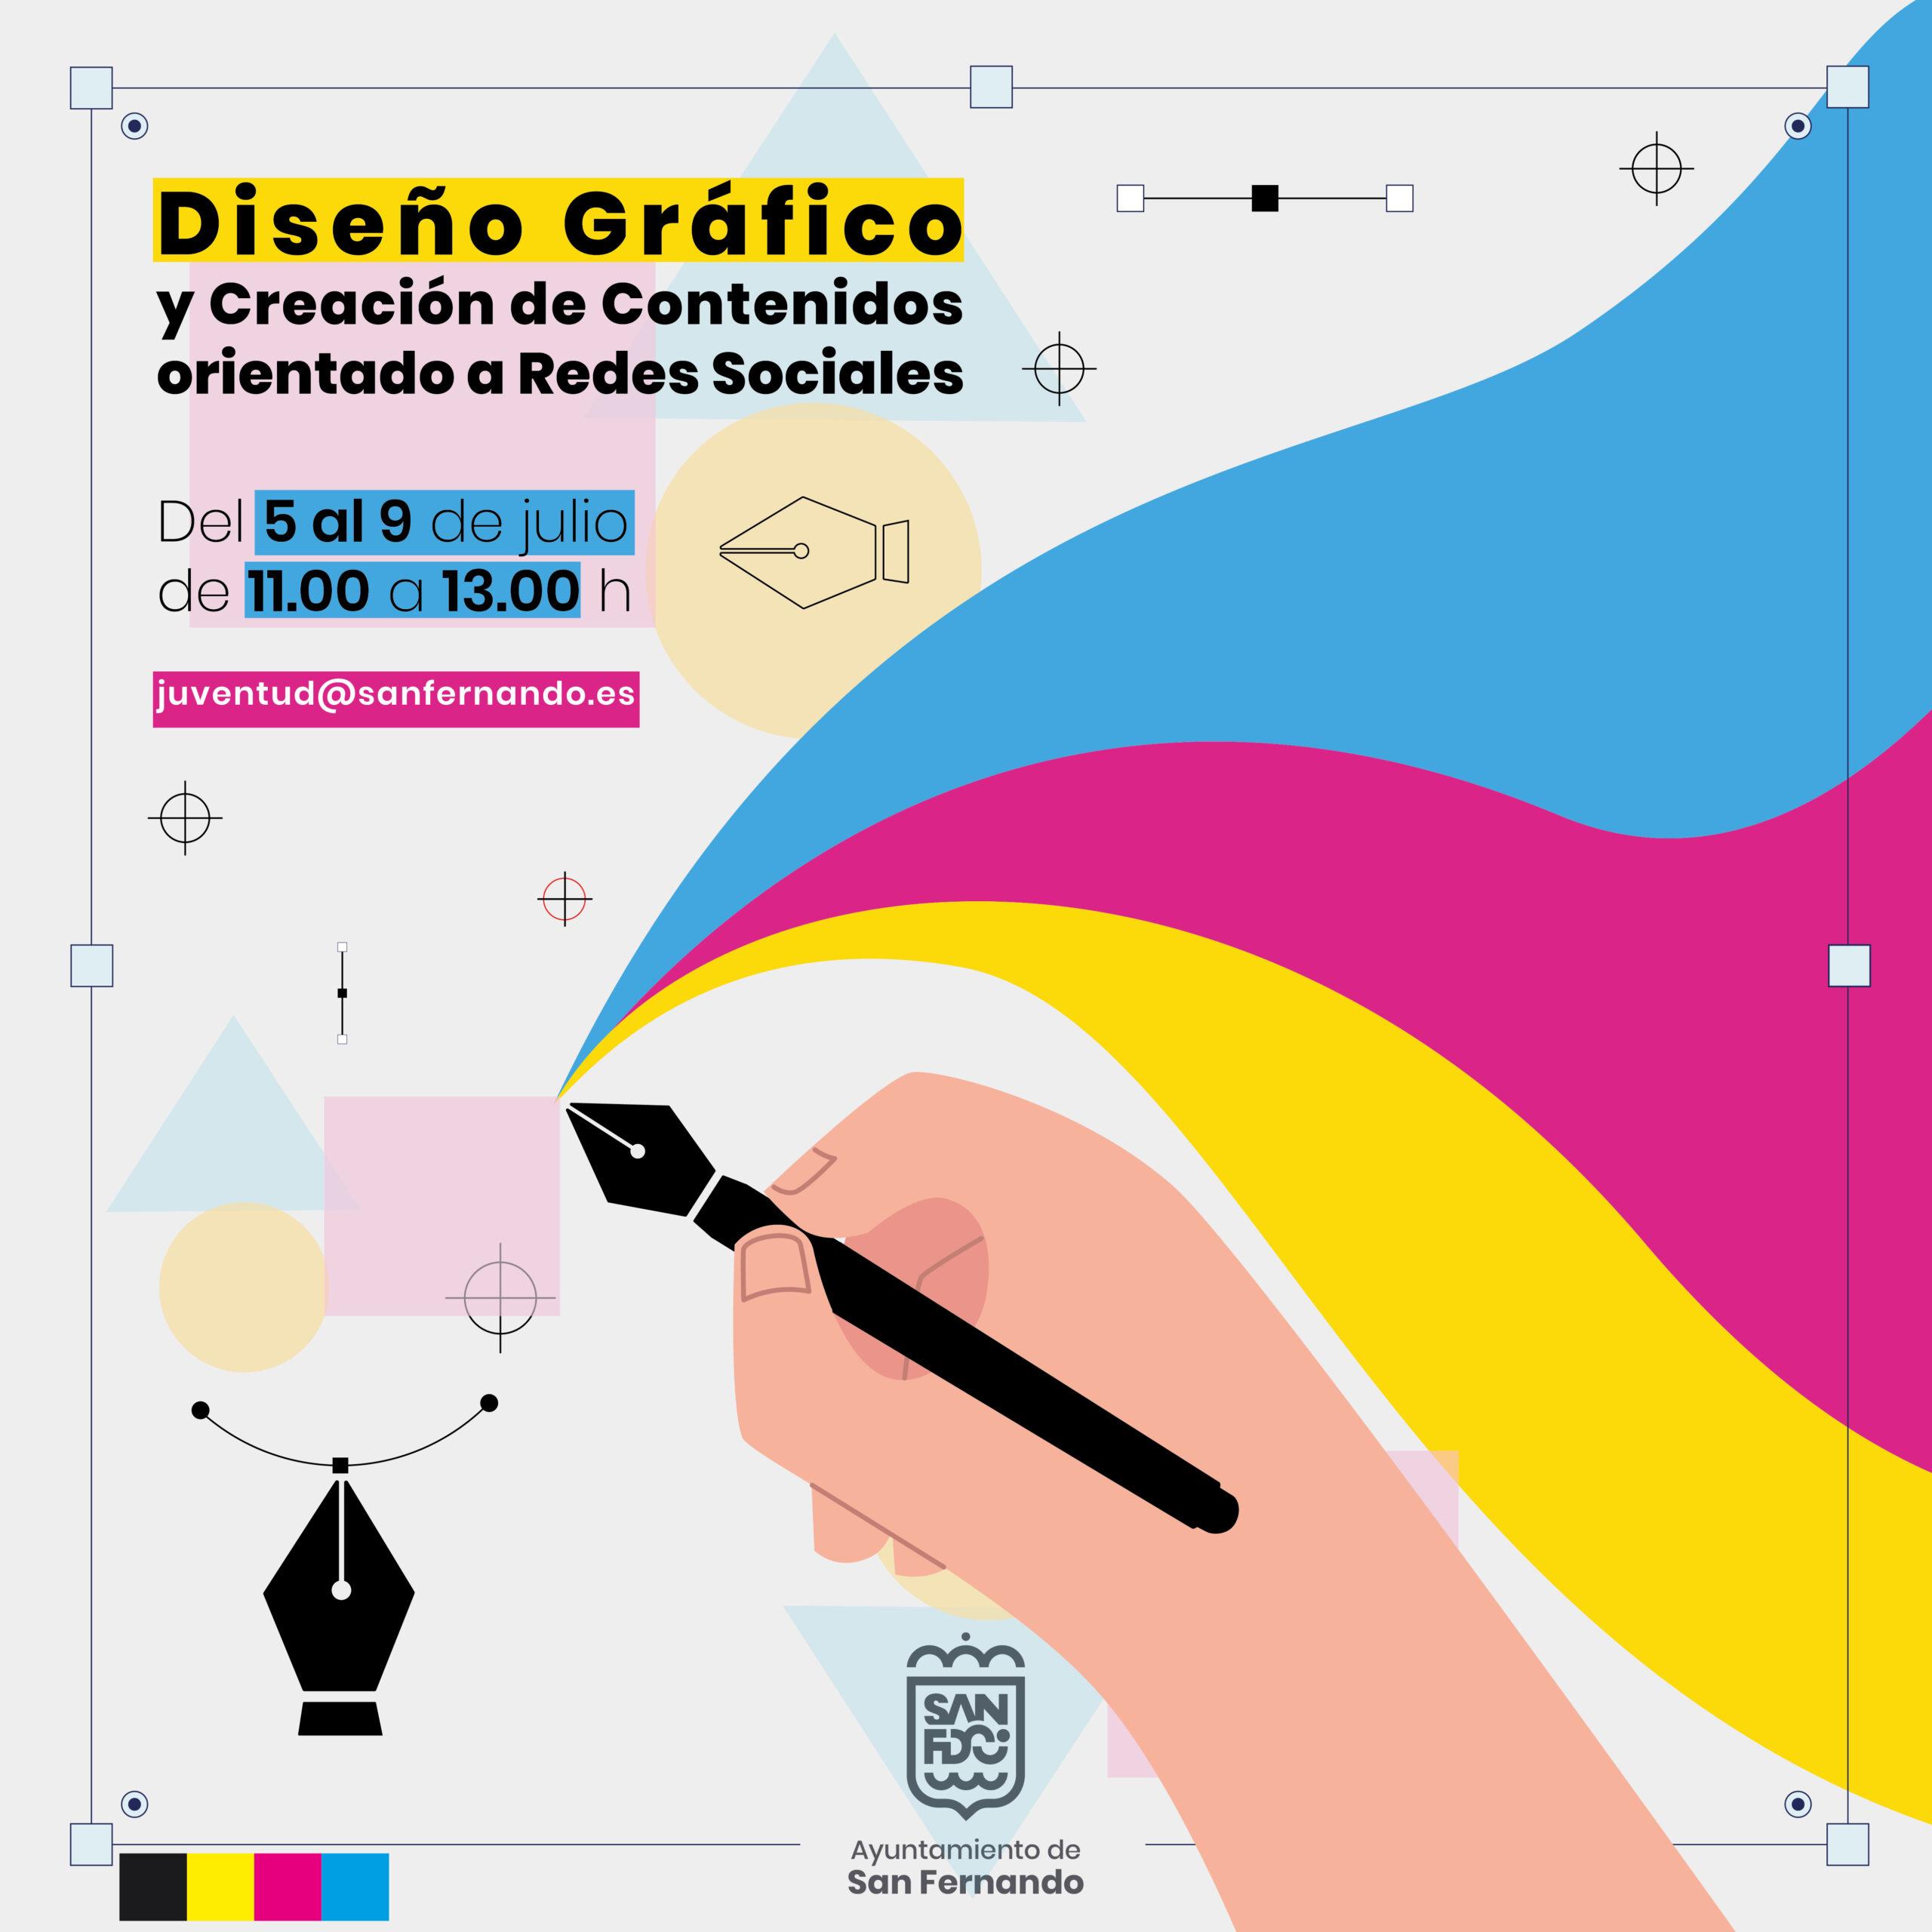 Juventud organiza un taller de Diseño Gáfico para redes sociales